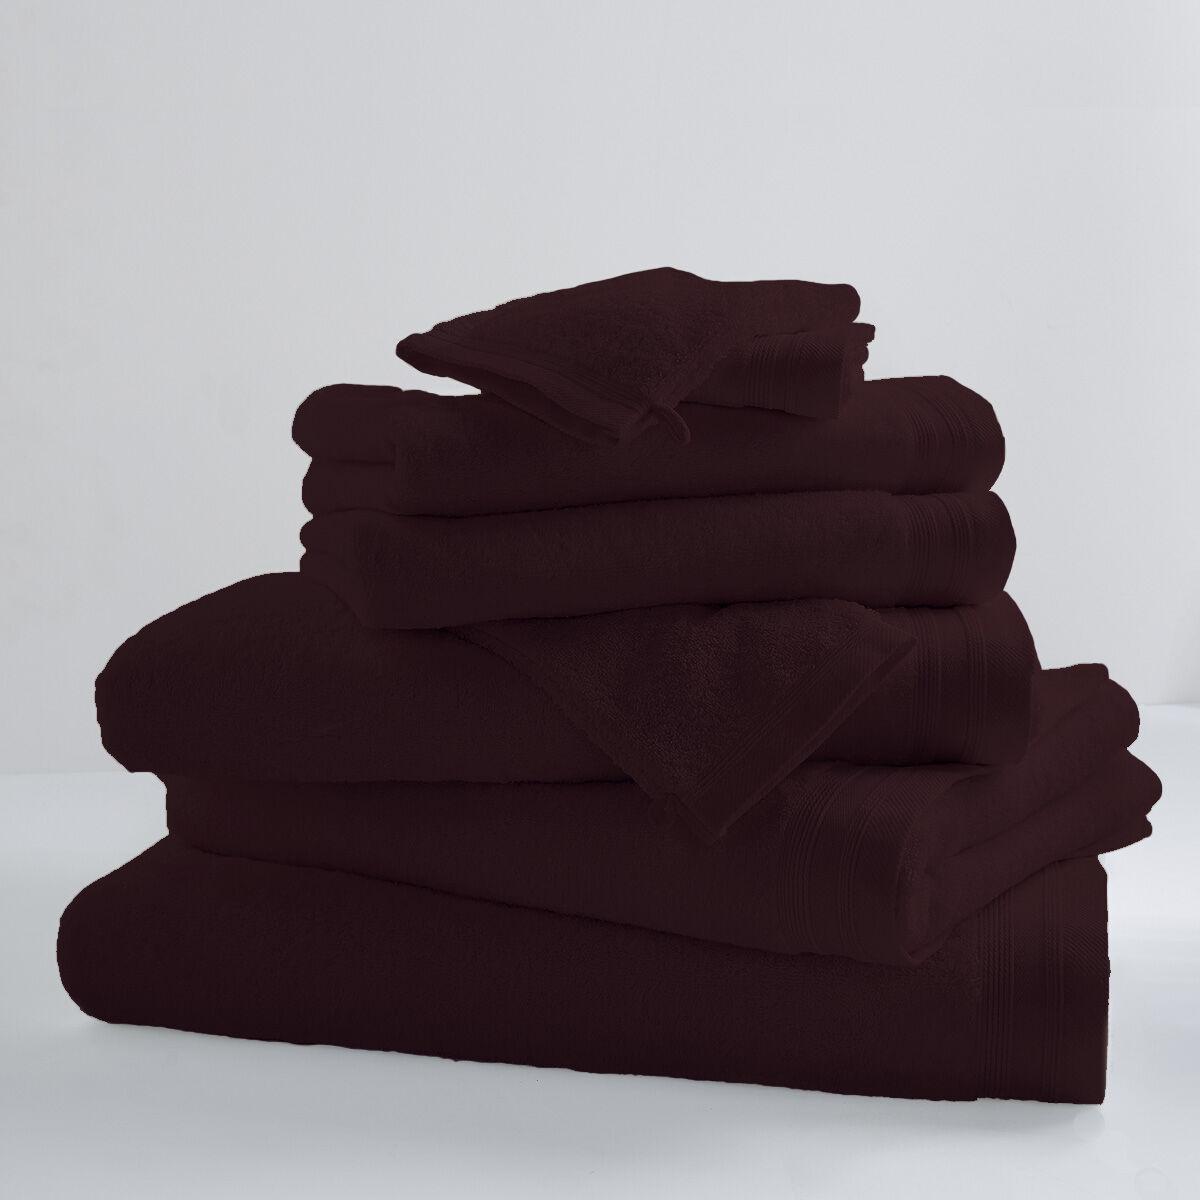 Home Bain Drap de bain uni et coloré coton cacao 150x100